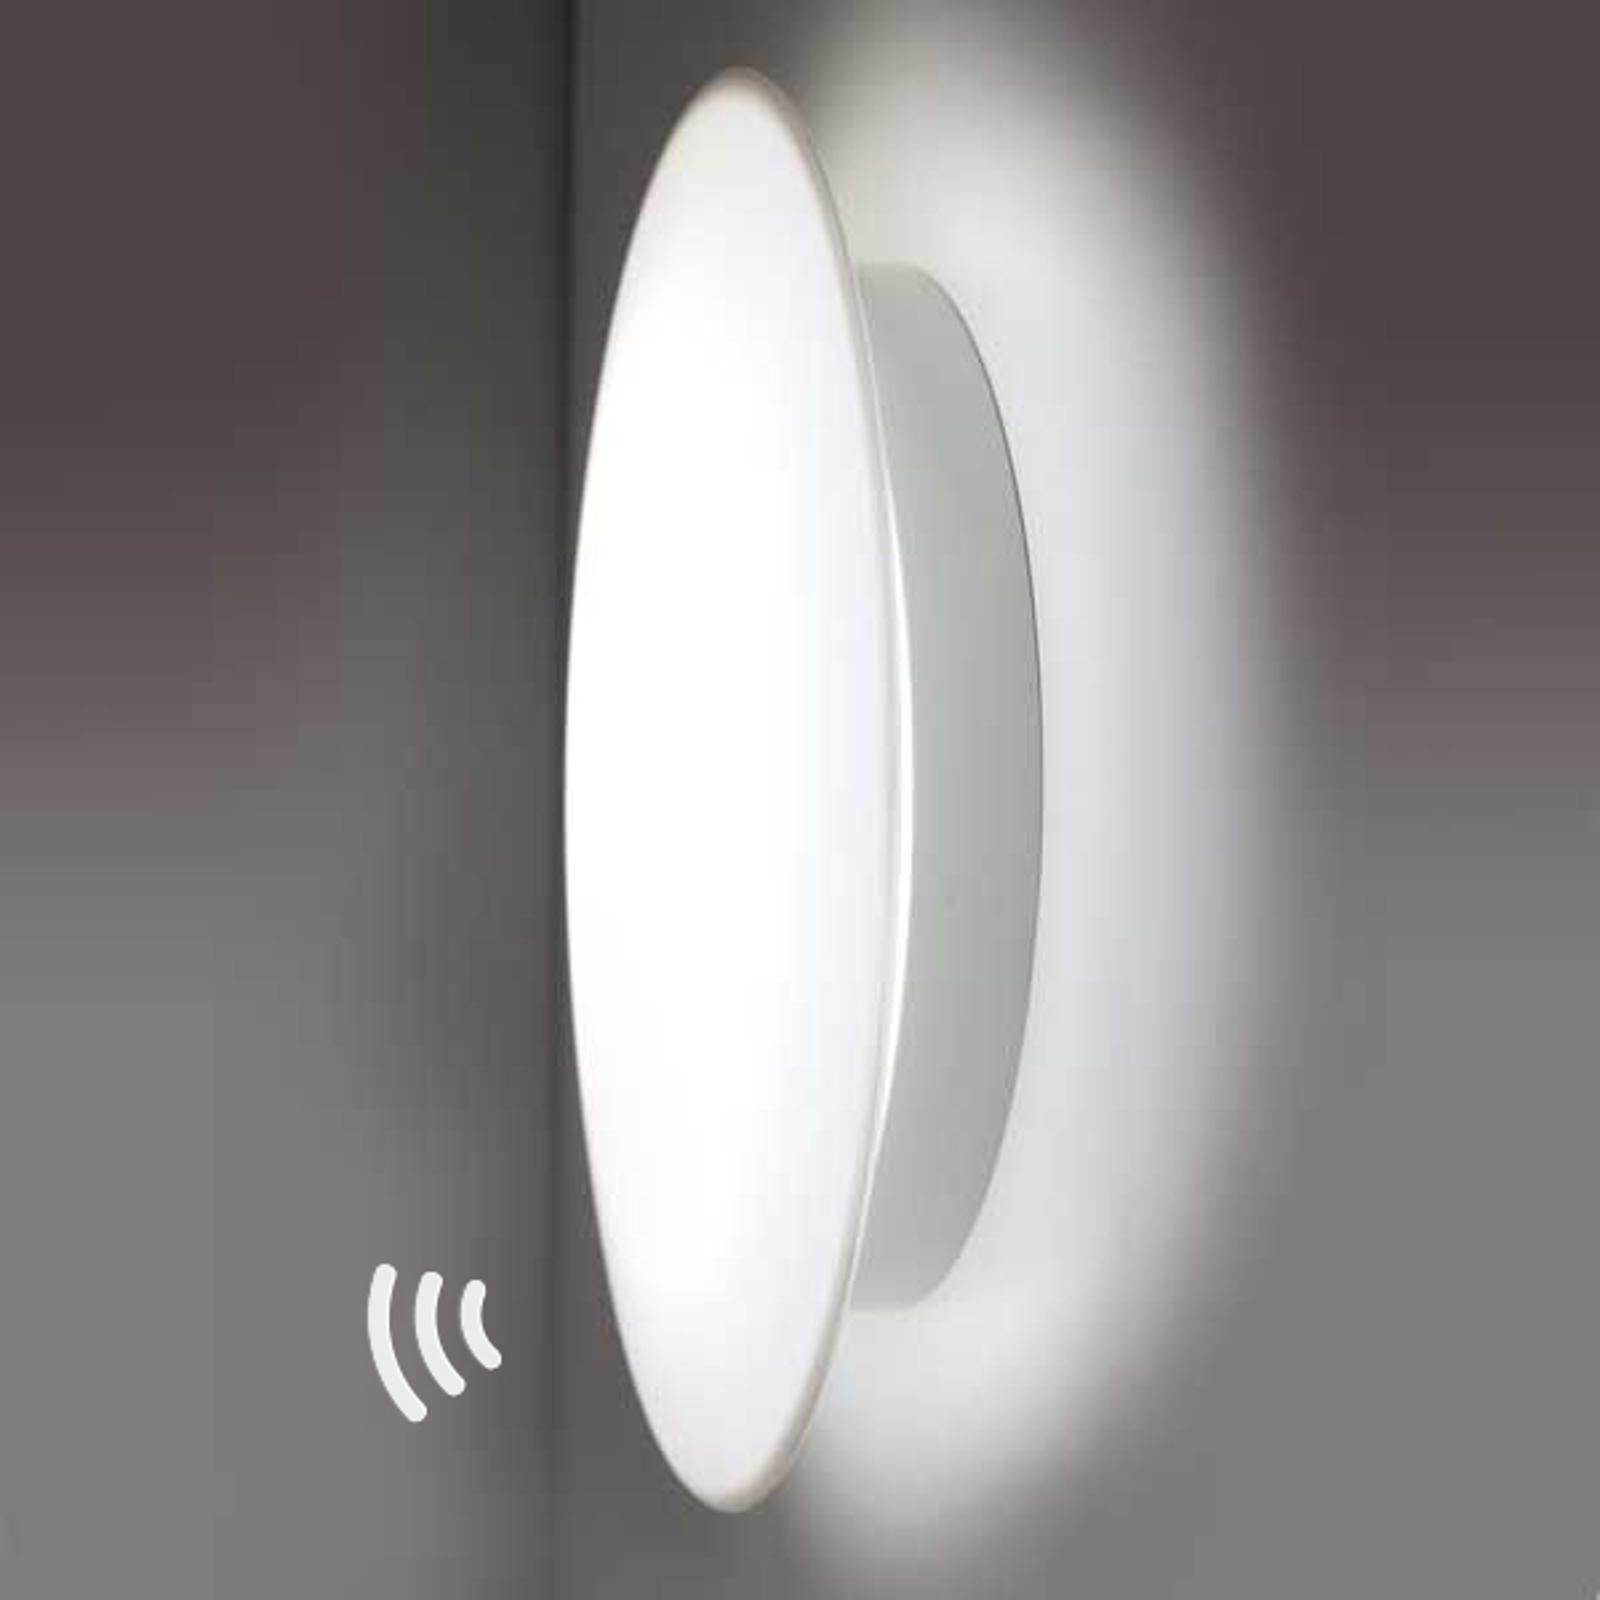 Lampa przyszłości SUN 3 LED 13W 4K z czujnikiem